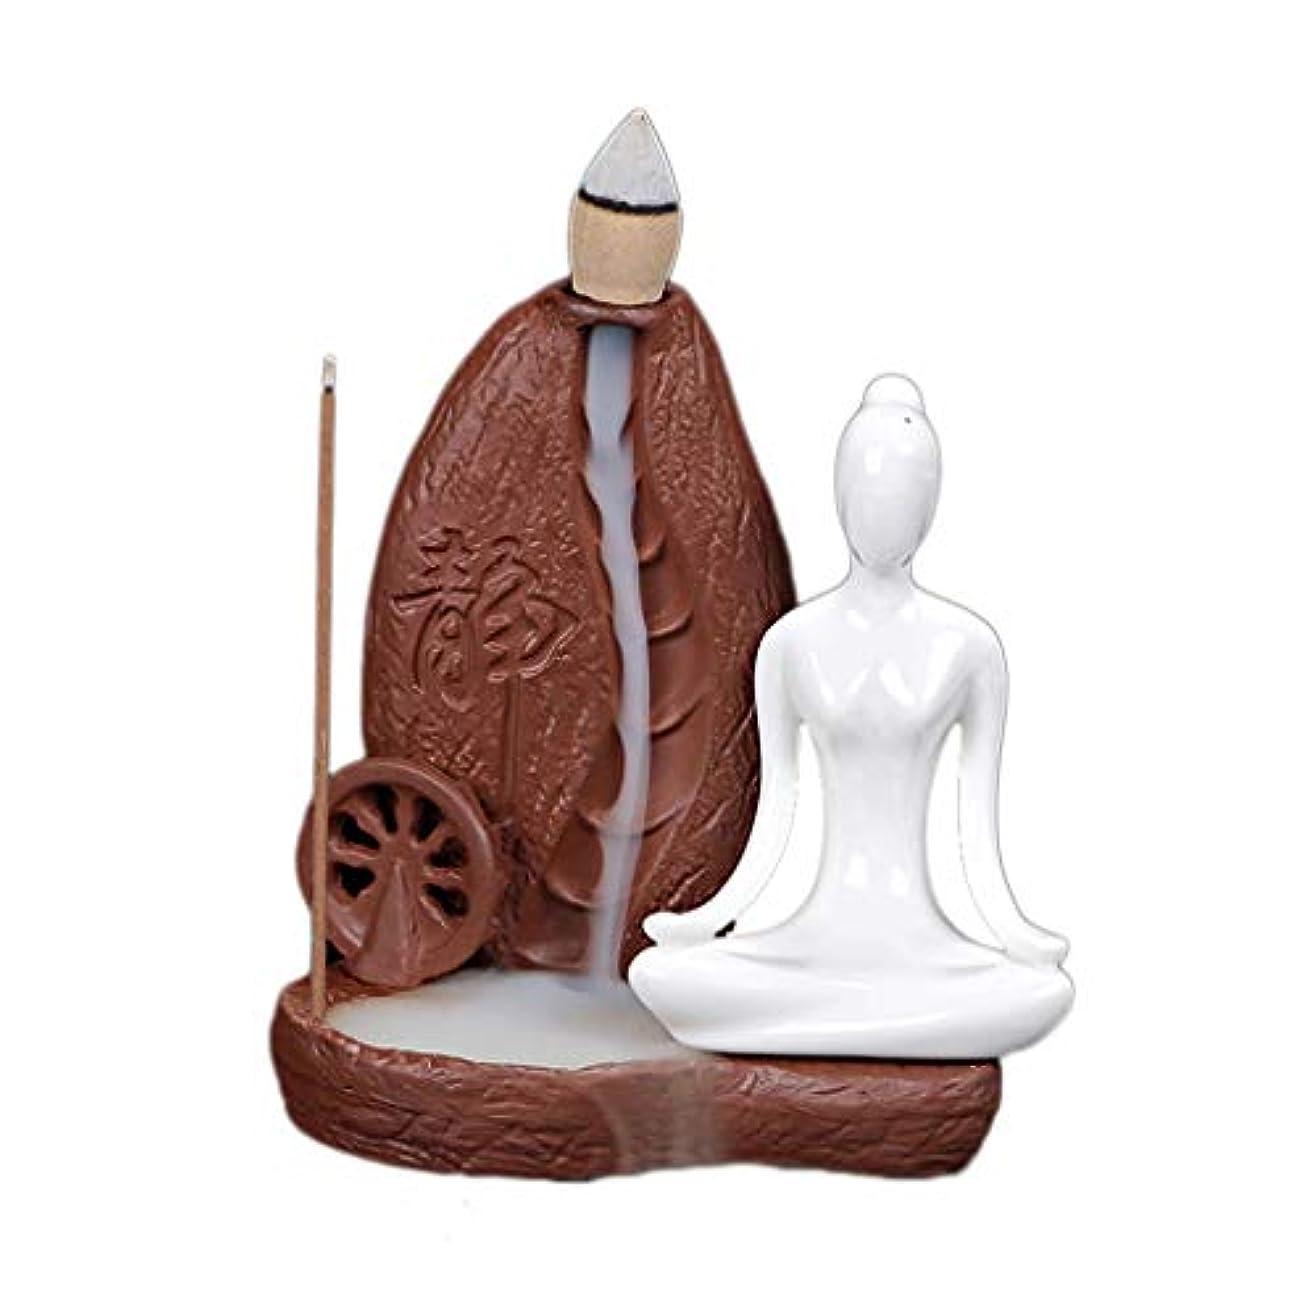 明日尋ねる装置クリエイティブセラミック香バーナー逆流香コーンバーナーホルダーホームフレグランスの装飾ヨガの女の子香炉香ホルダー (Color : Brown, サイズ : 3.77*2.75*3.93 inches)